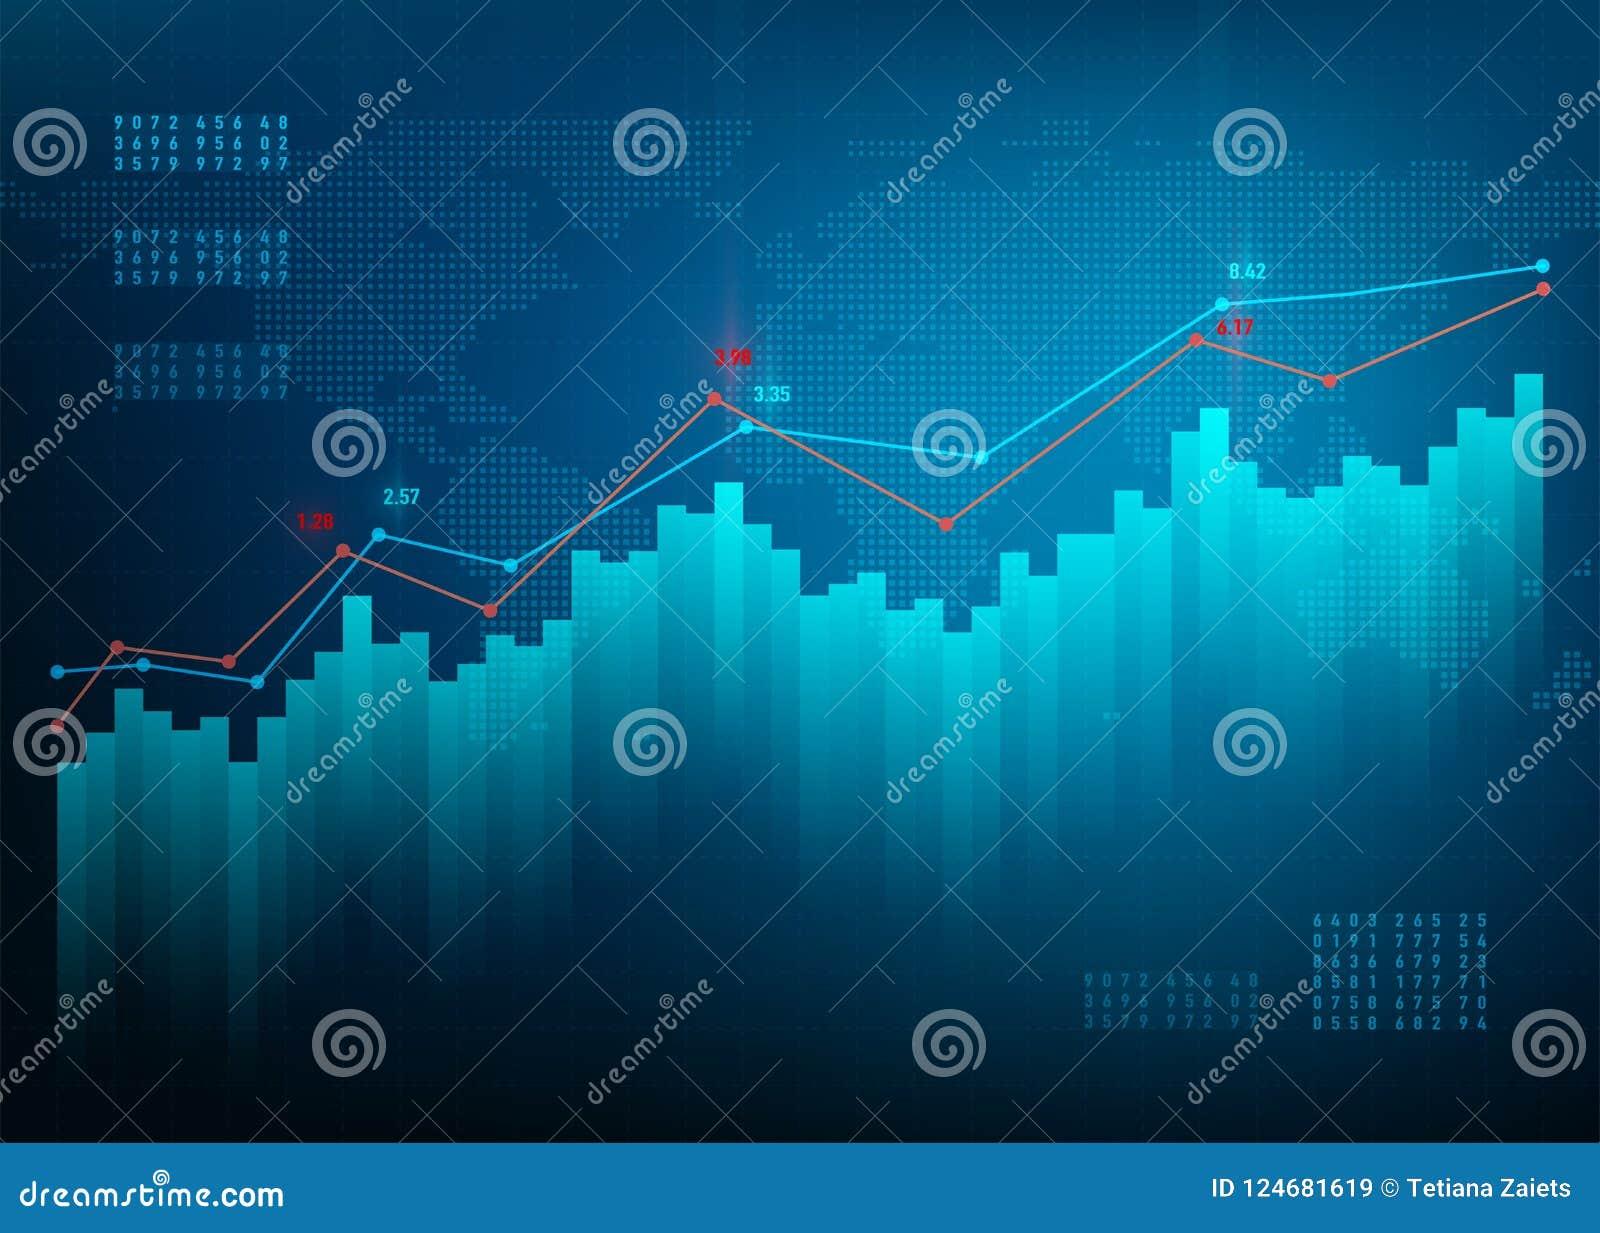 Finance chart. Stock graph market. Growth business blue vector background. Bond data online bank